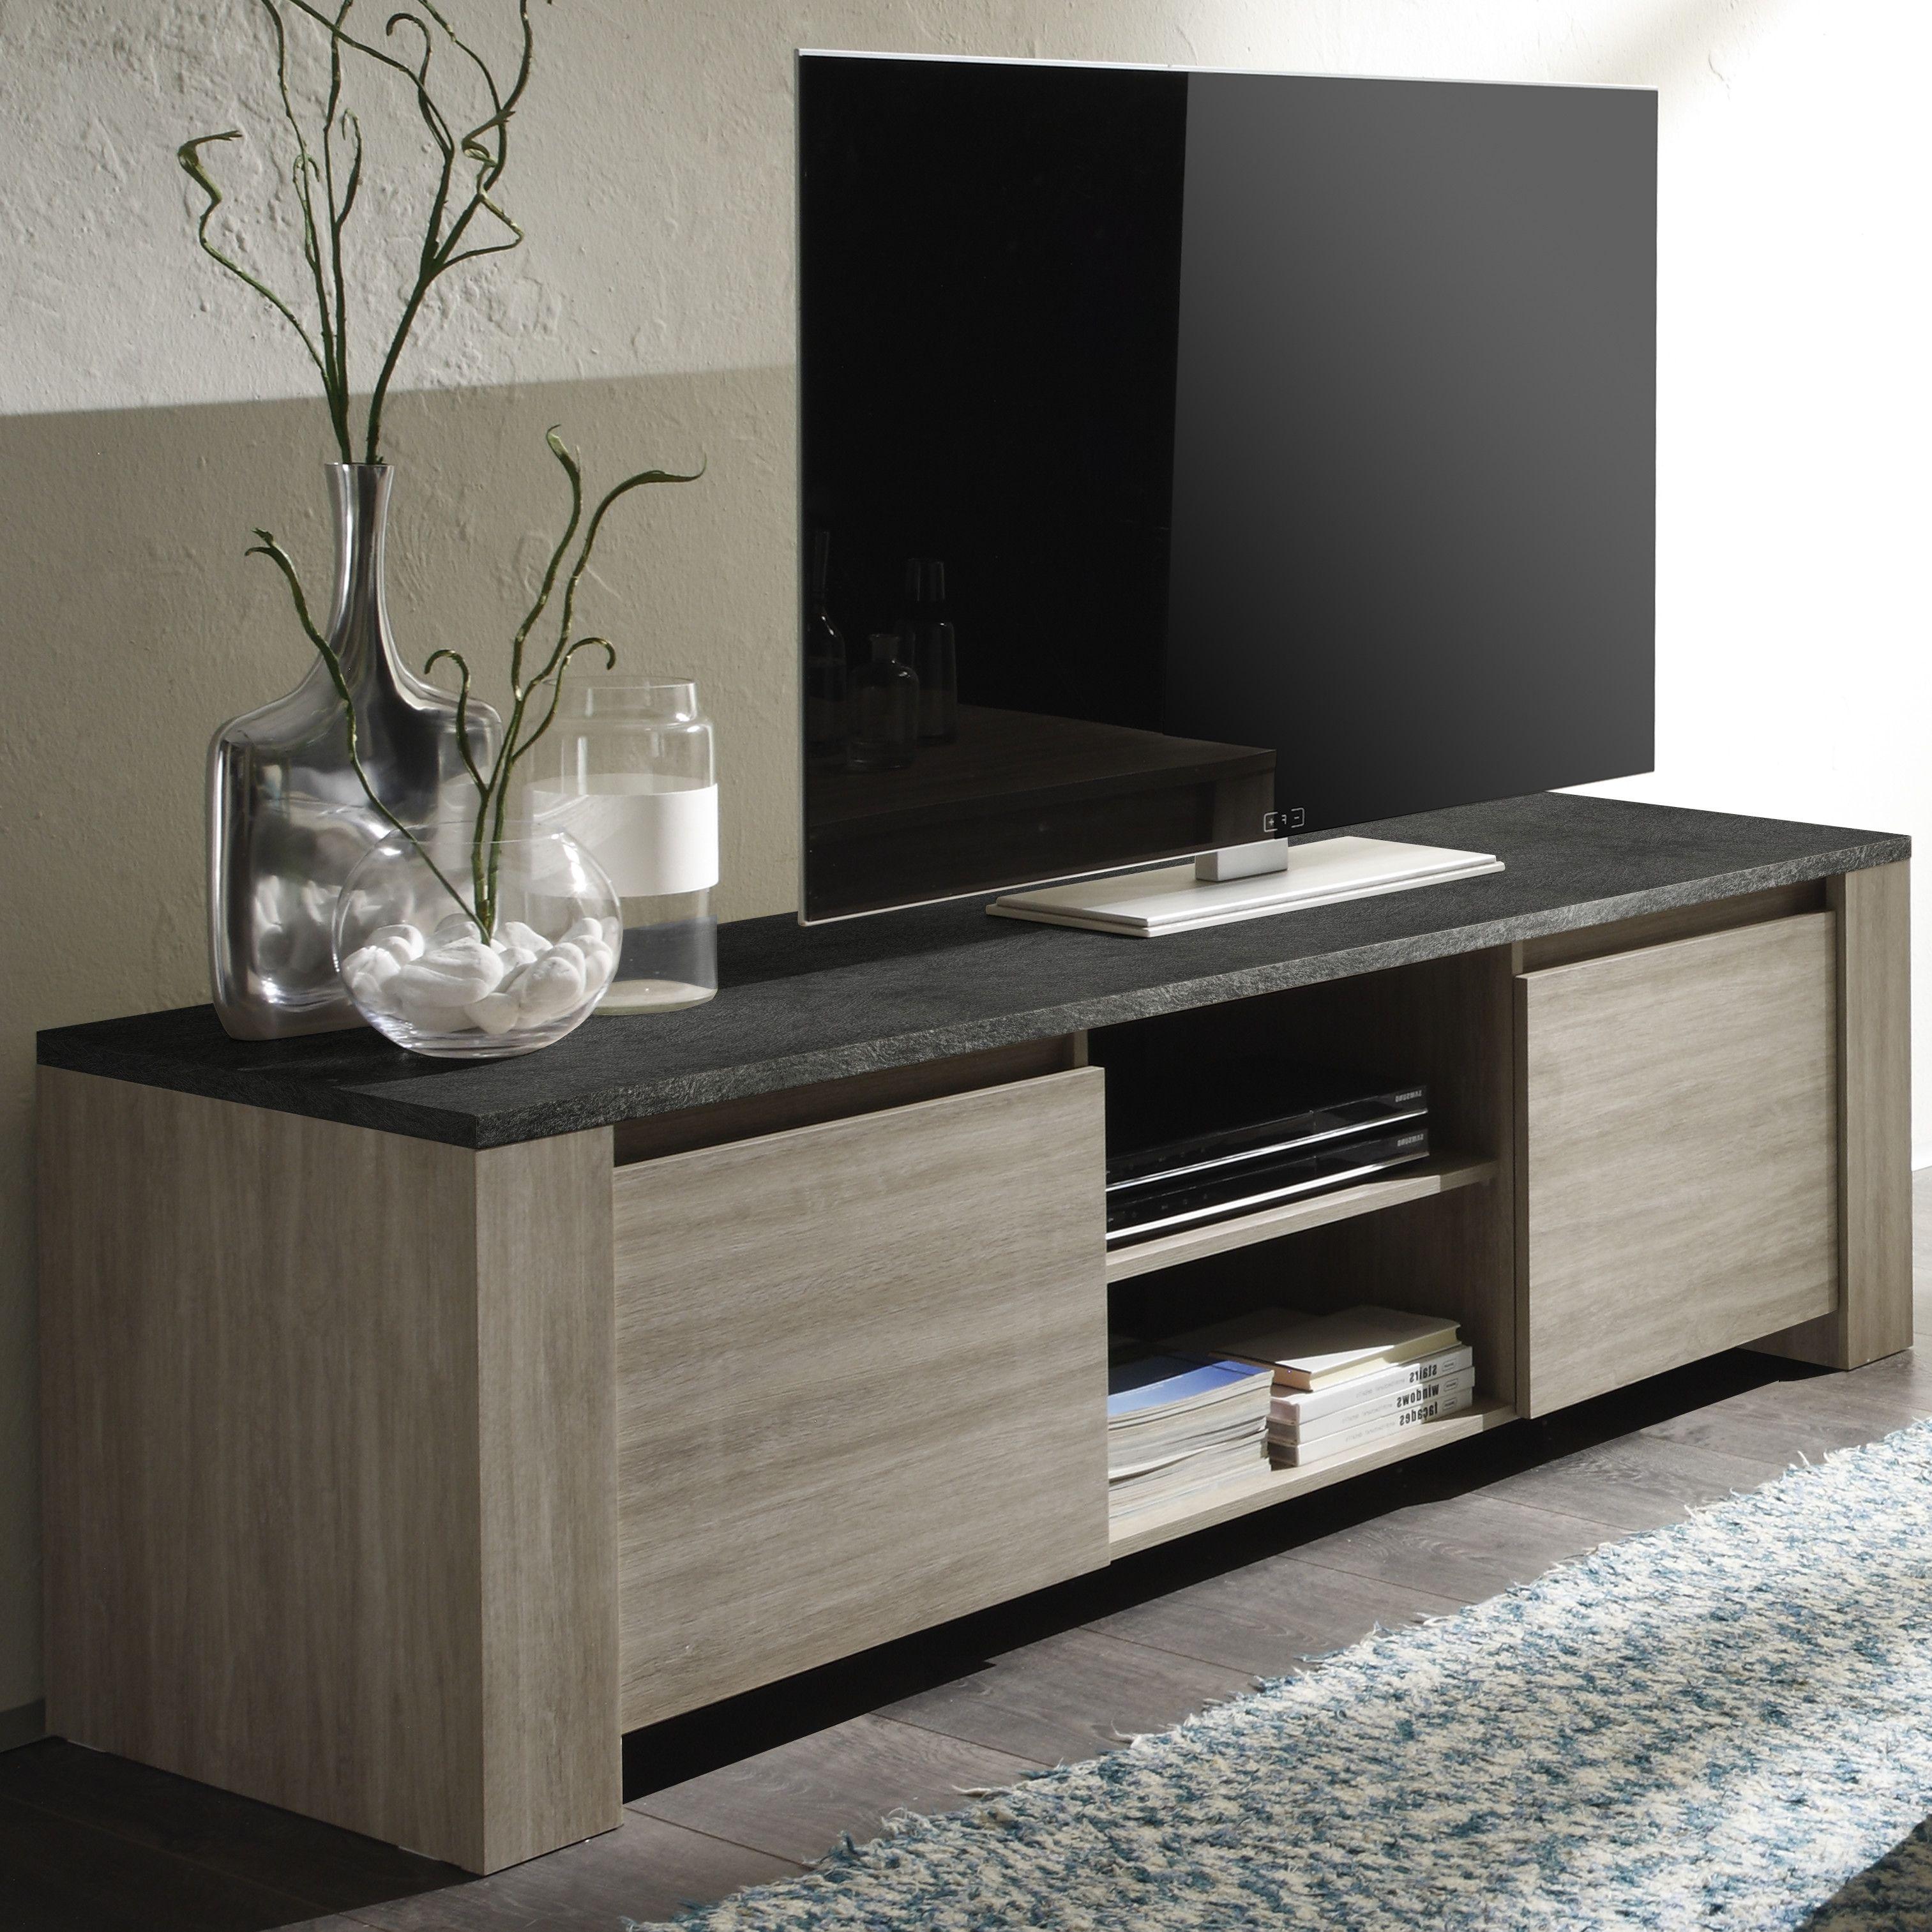 urban designs elisa tv stand reviews wayfair uk. Black Bedroom Furniture Sets. Home Design Ideas